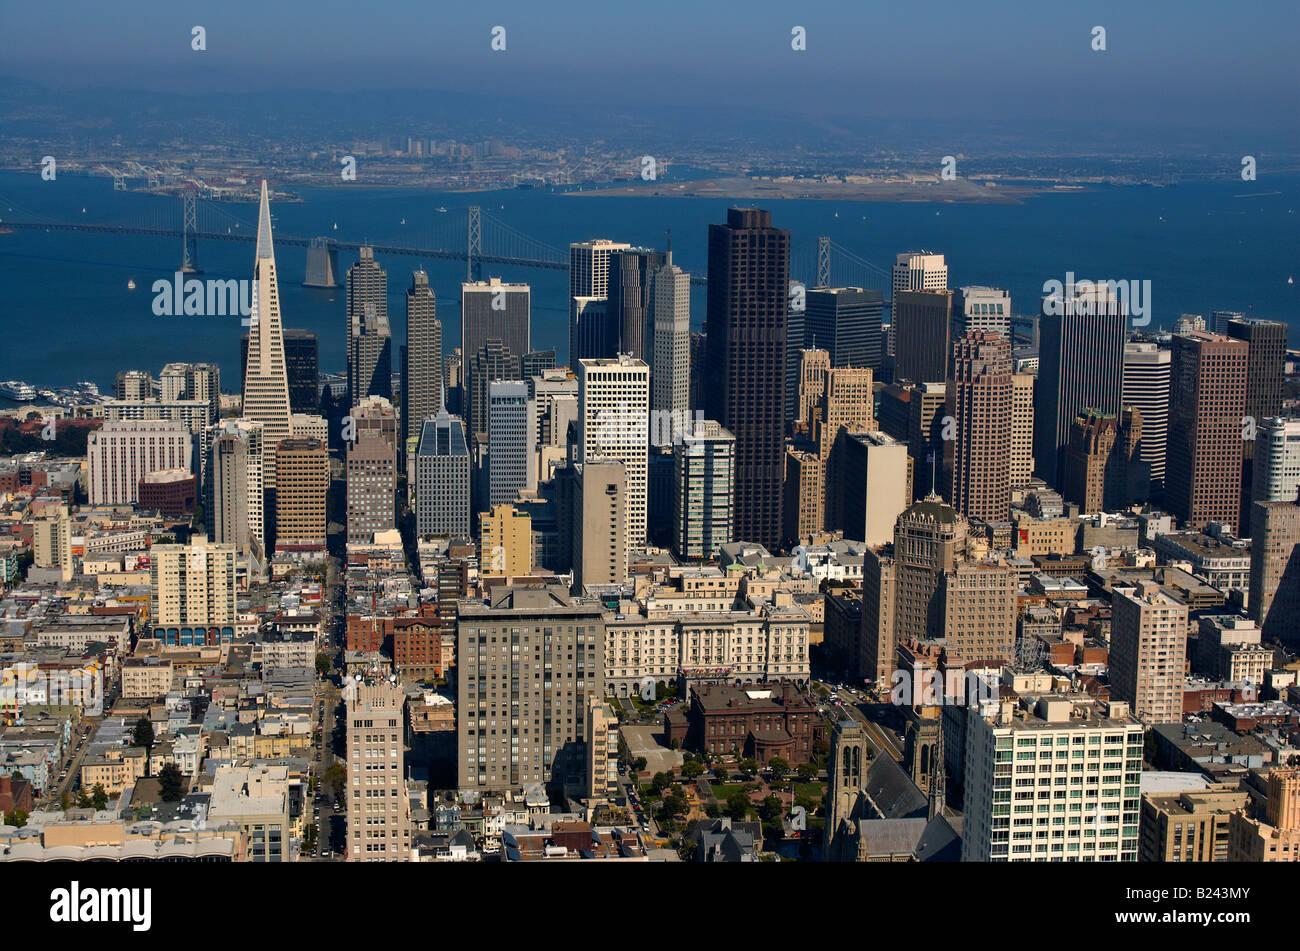 Una vista aérea de la ciudad de San Francisco y el Puente de la Bahía Oakland puerto en el fondo iluminado por el cálido sol de la tarde Foto de stock